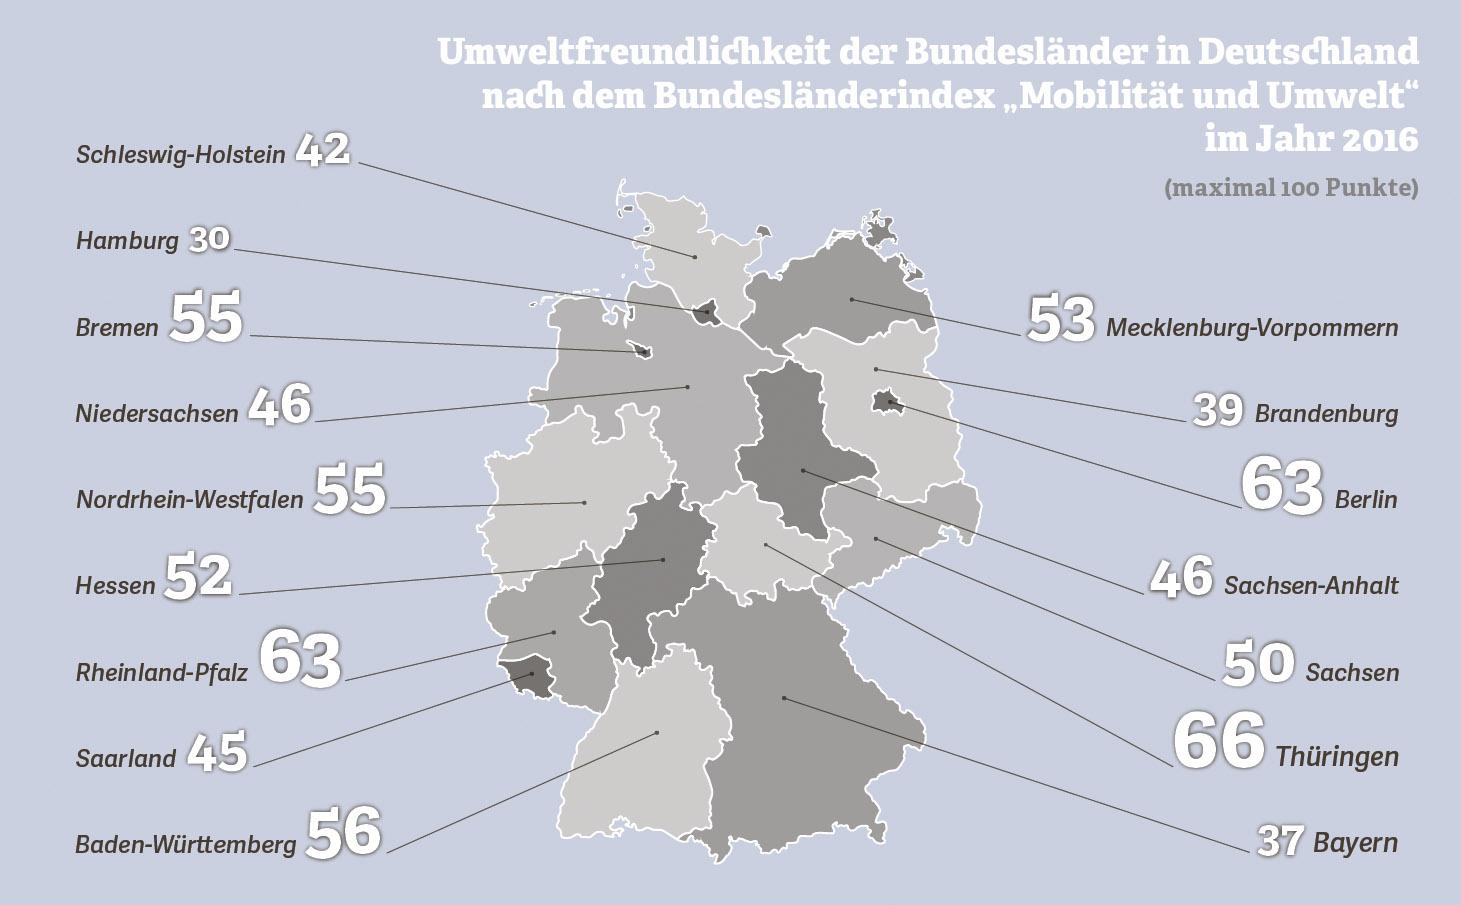 """Grafik zur Umweltfreundlichkeit der Bundesländer nach dem Bundesländerindex """"Mobilität und Umwelt"""", 2016"""